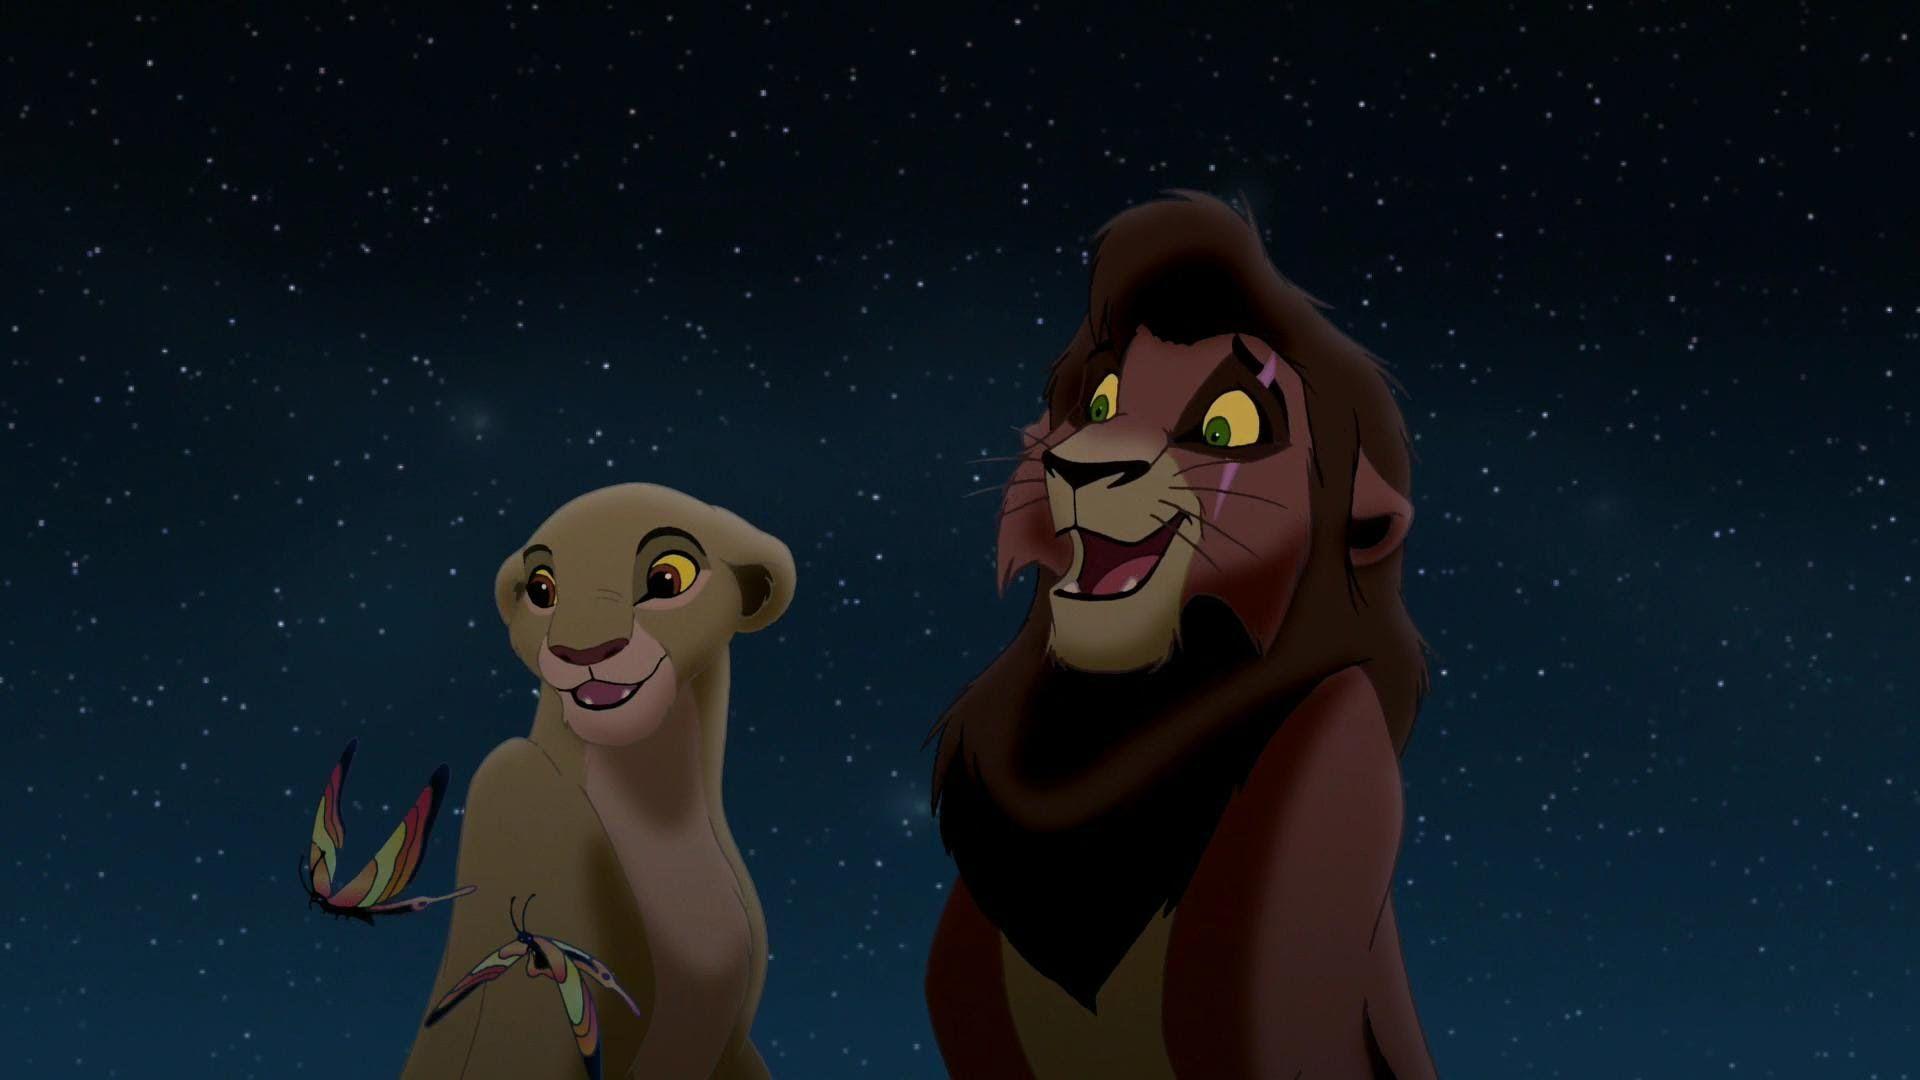 حبنا هيعيش الأسد الملك ٢ عهد سمبا Lion King Art Lion King Pictures Lion King Movie